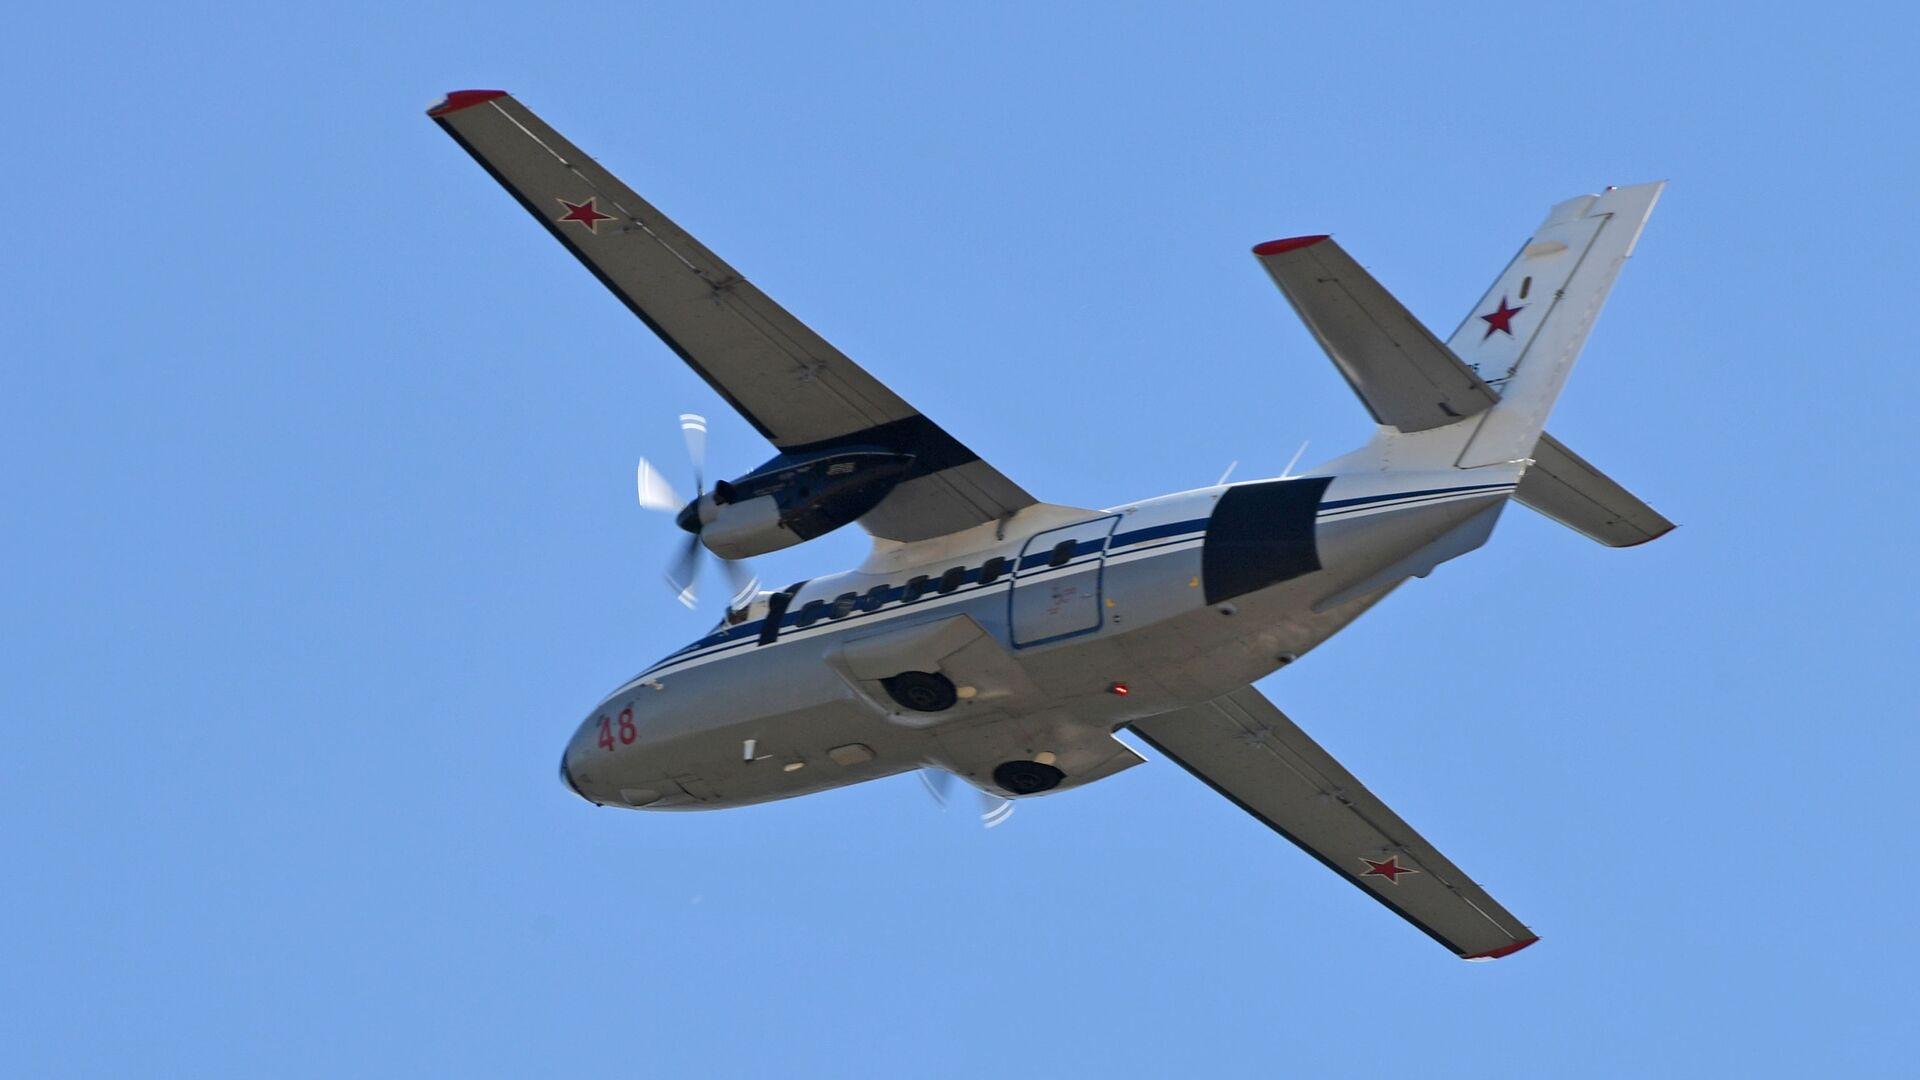 Samolot L-410. - Sputnik Polska, 1920, 19.06.2021